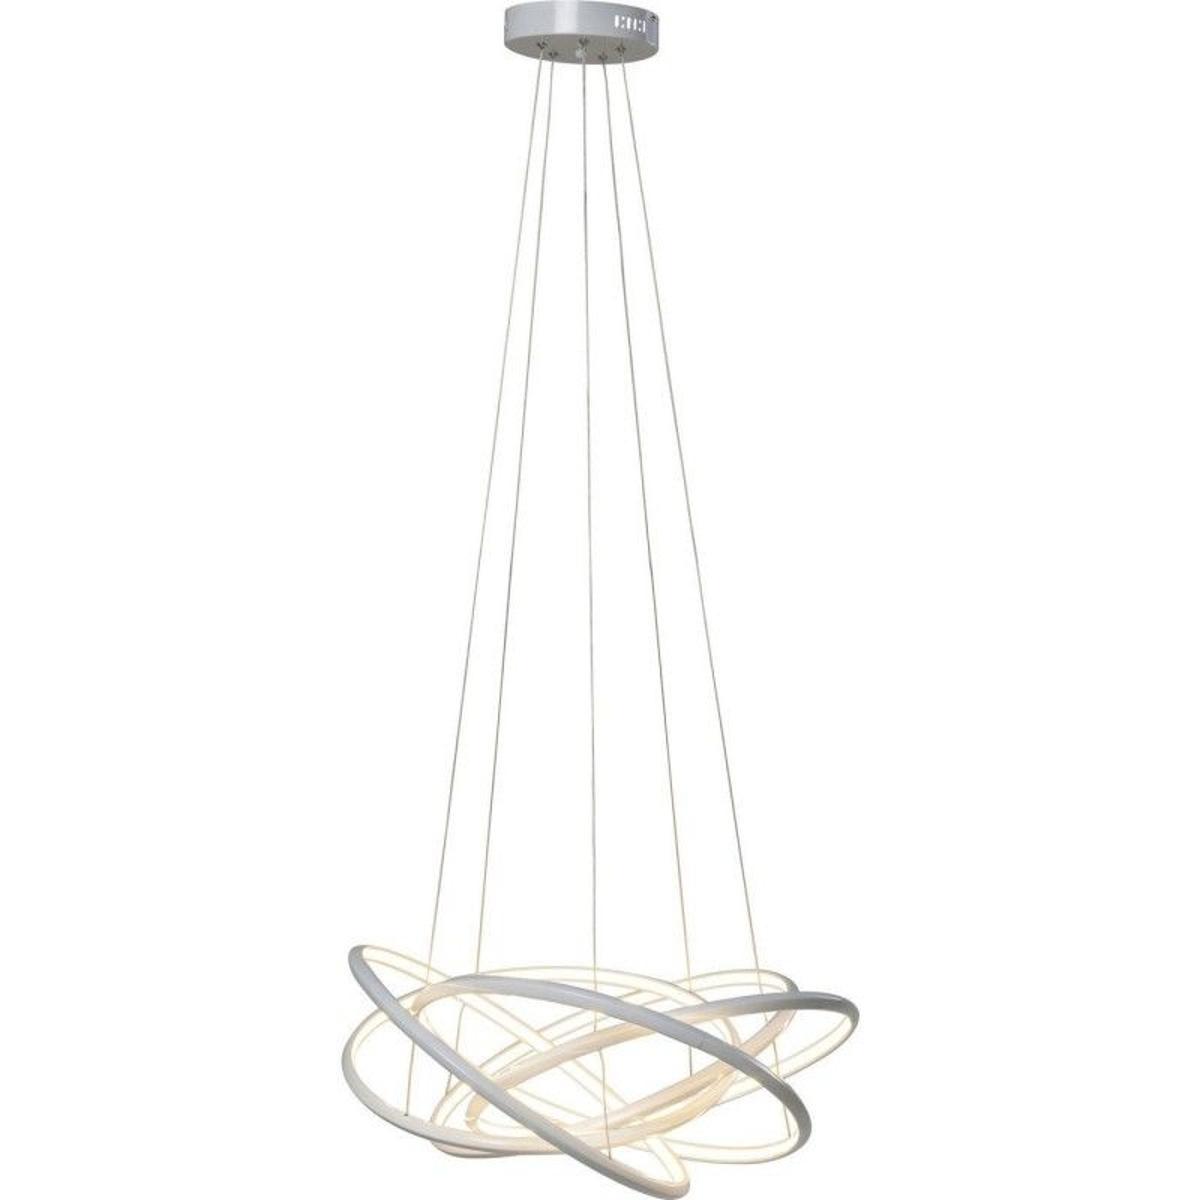 Suspension Saturn LED blanc 120cm Kare Design